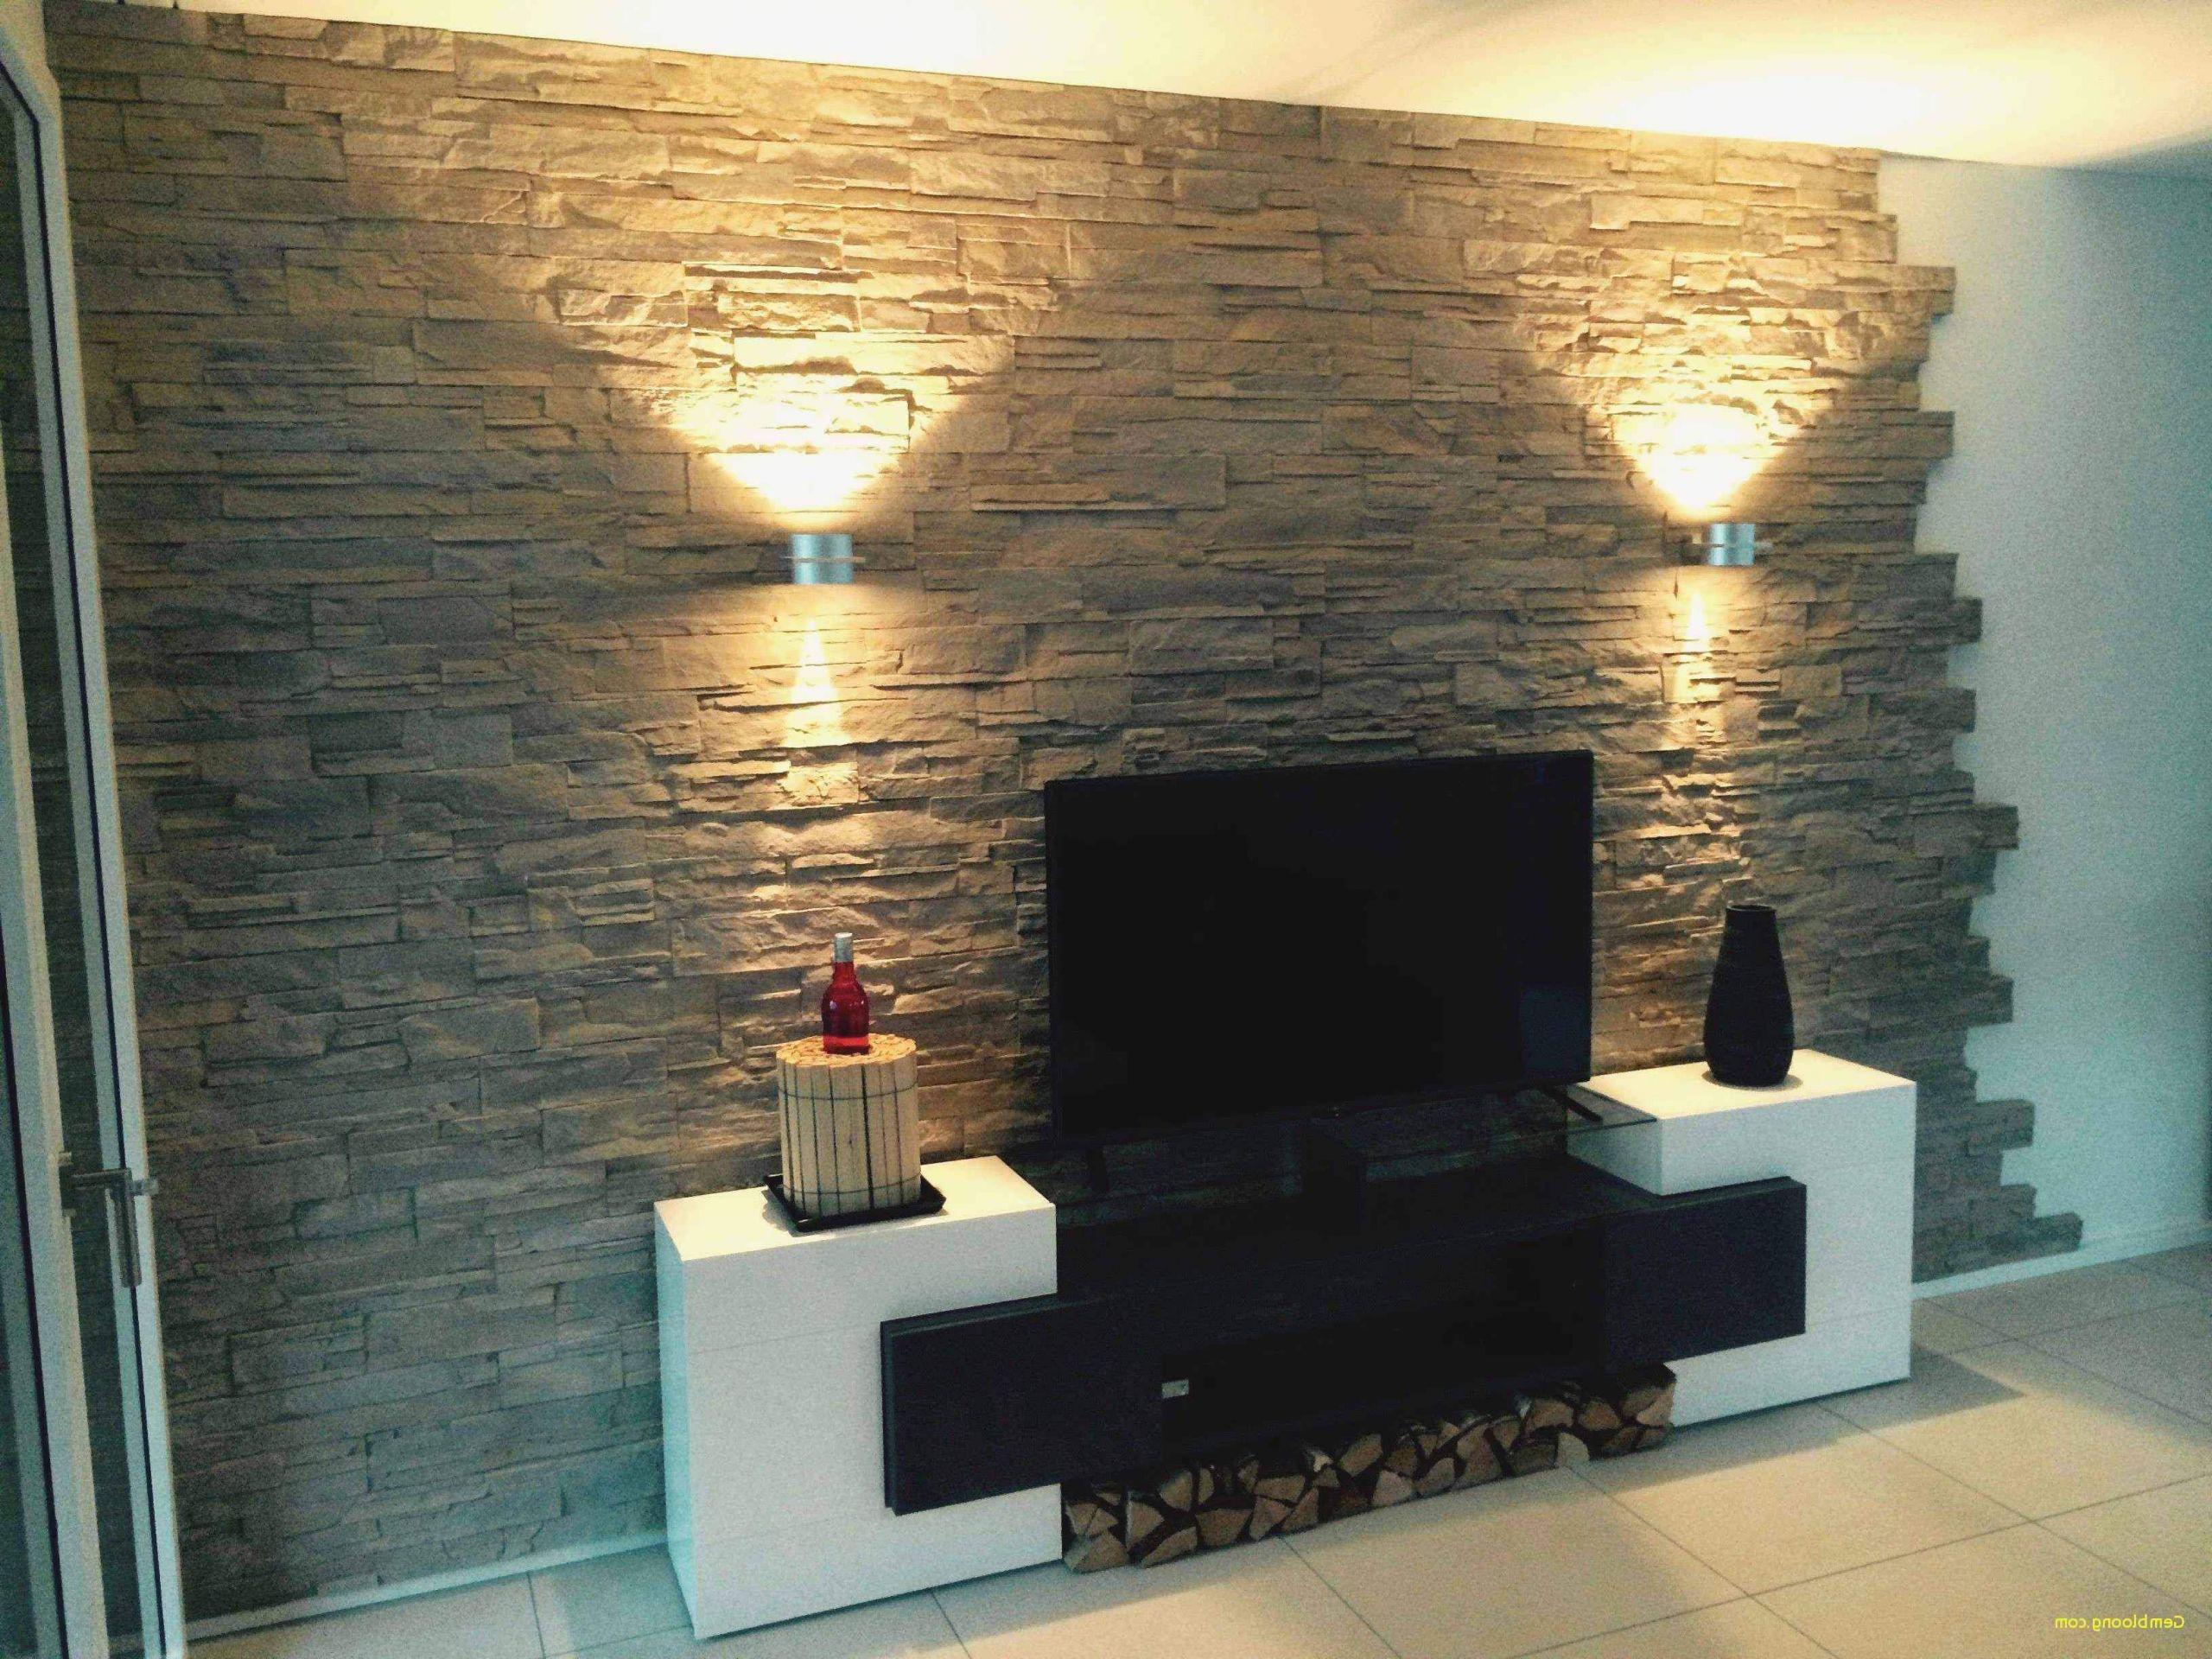 Full Size of Wohnzimmer Modern 34 Einzigartig Wandbilder Hängelampe Vinylboden Vorhang Deckenlampen Lampe Indirekte Beleuchtung Bilder Gardinen Für Deckenleuchte Wohnzimmer Wohnzimmer Modern